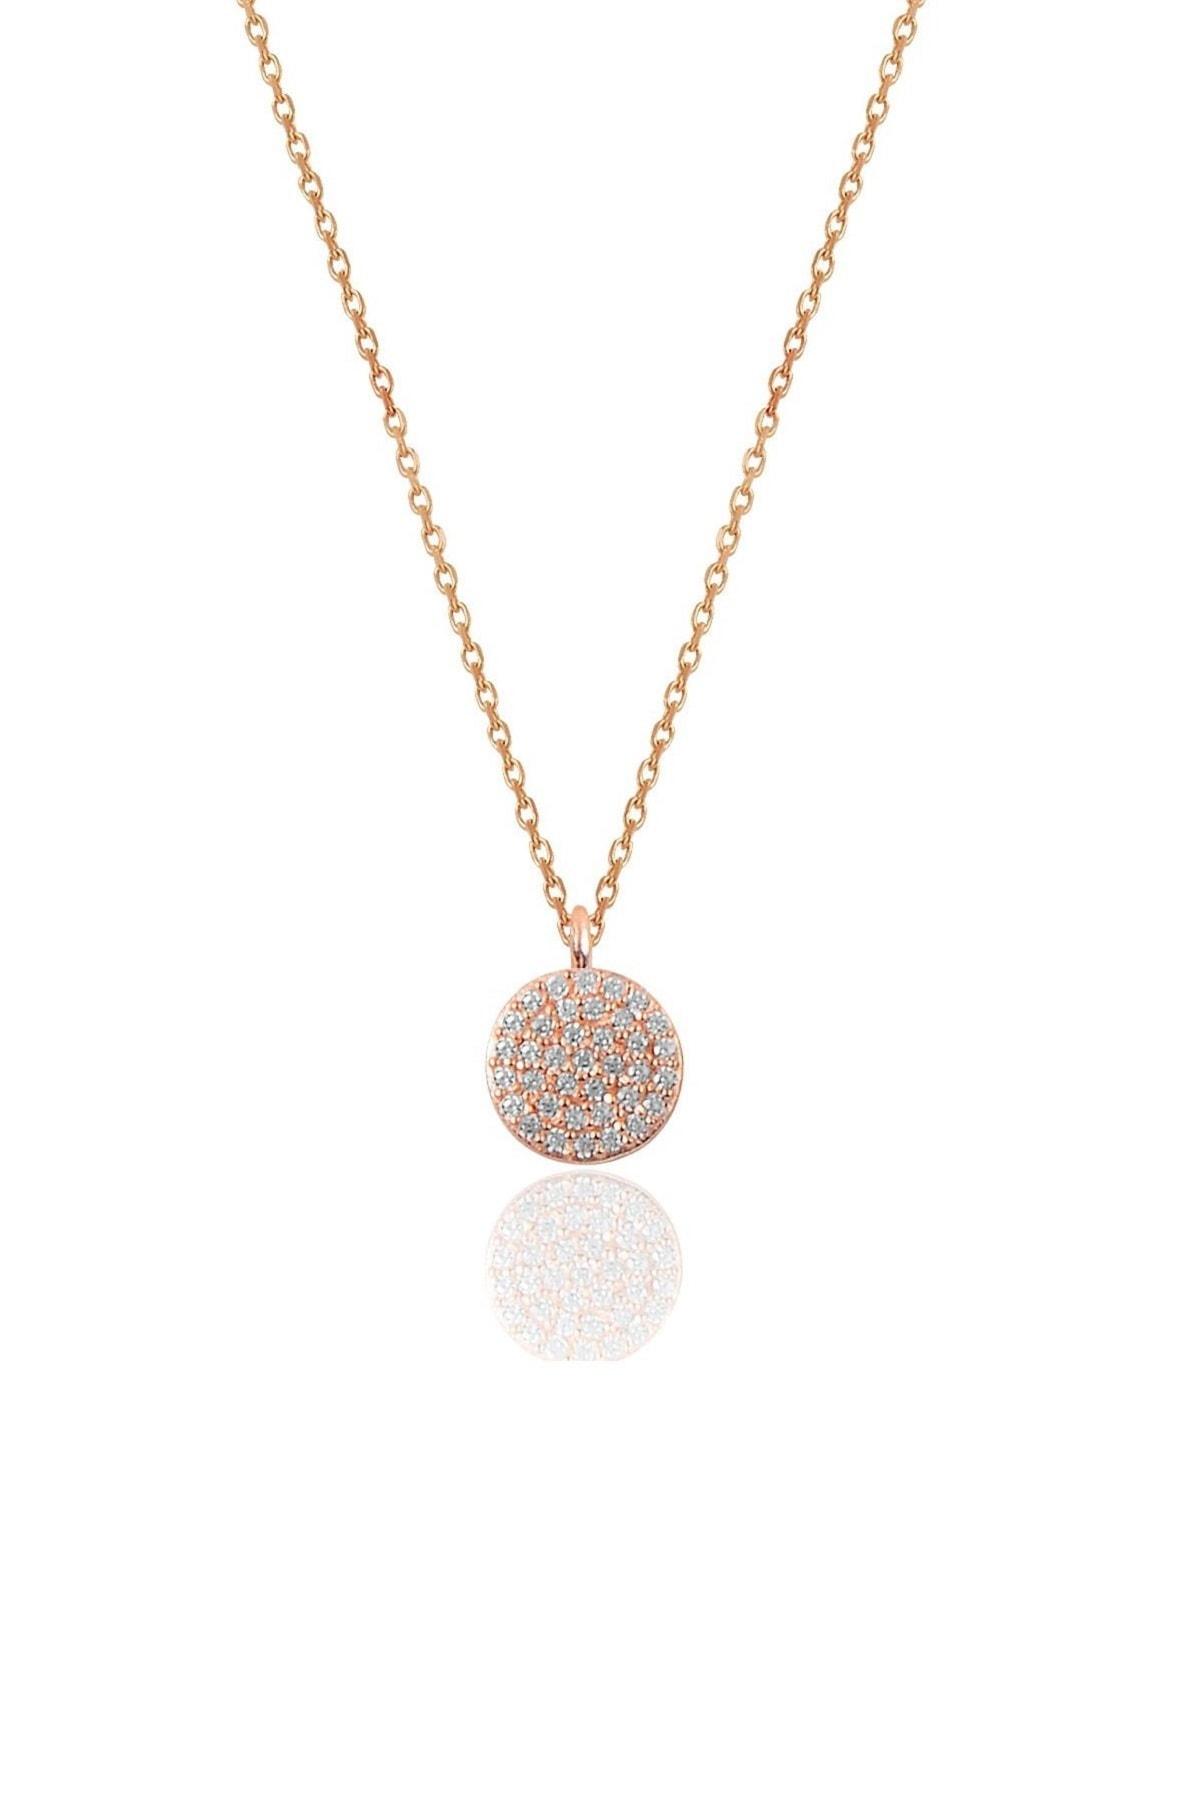 Söğütlü Silver Gümüş rose zirkon taşlı yuvarlak kolye bileklik ve küpe gümüş üçlü set 1